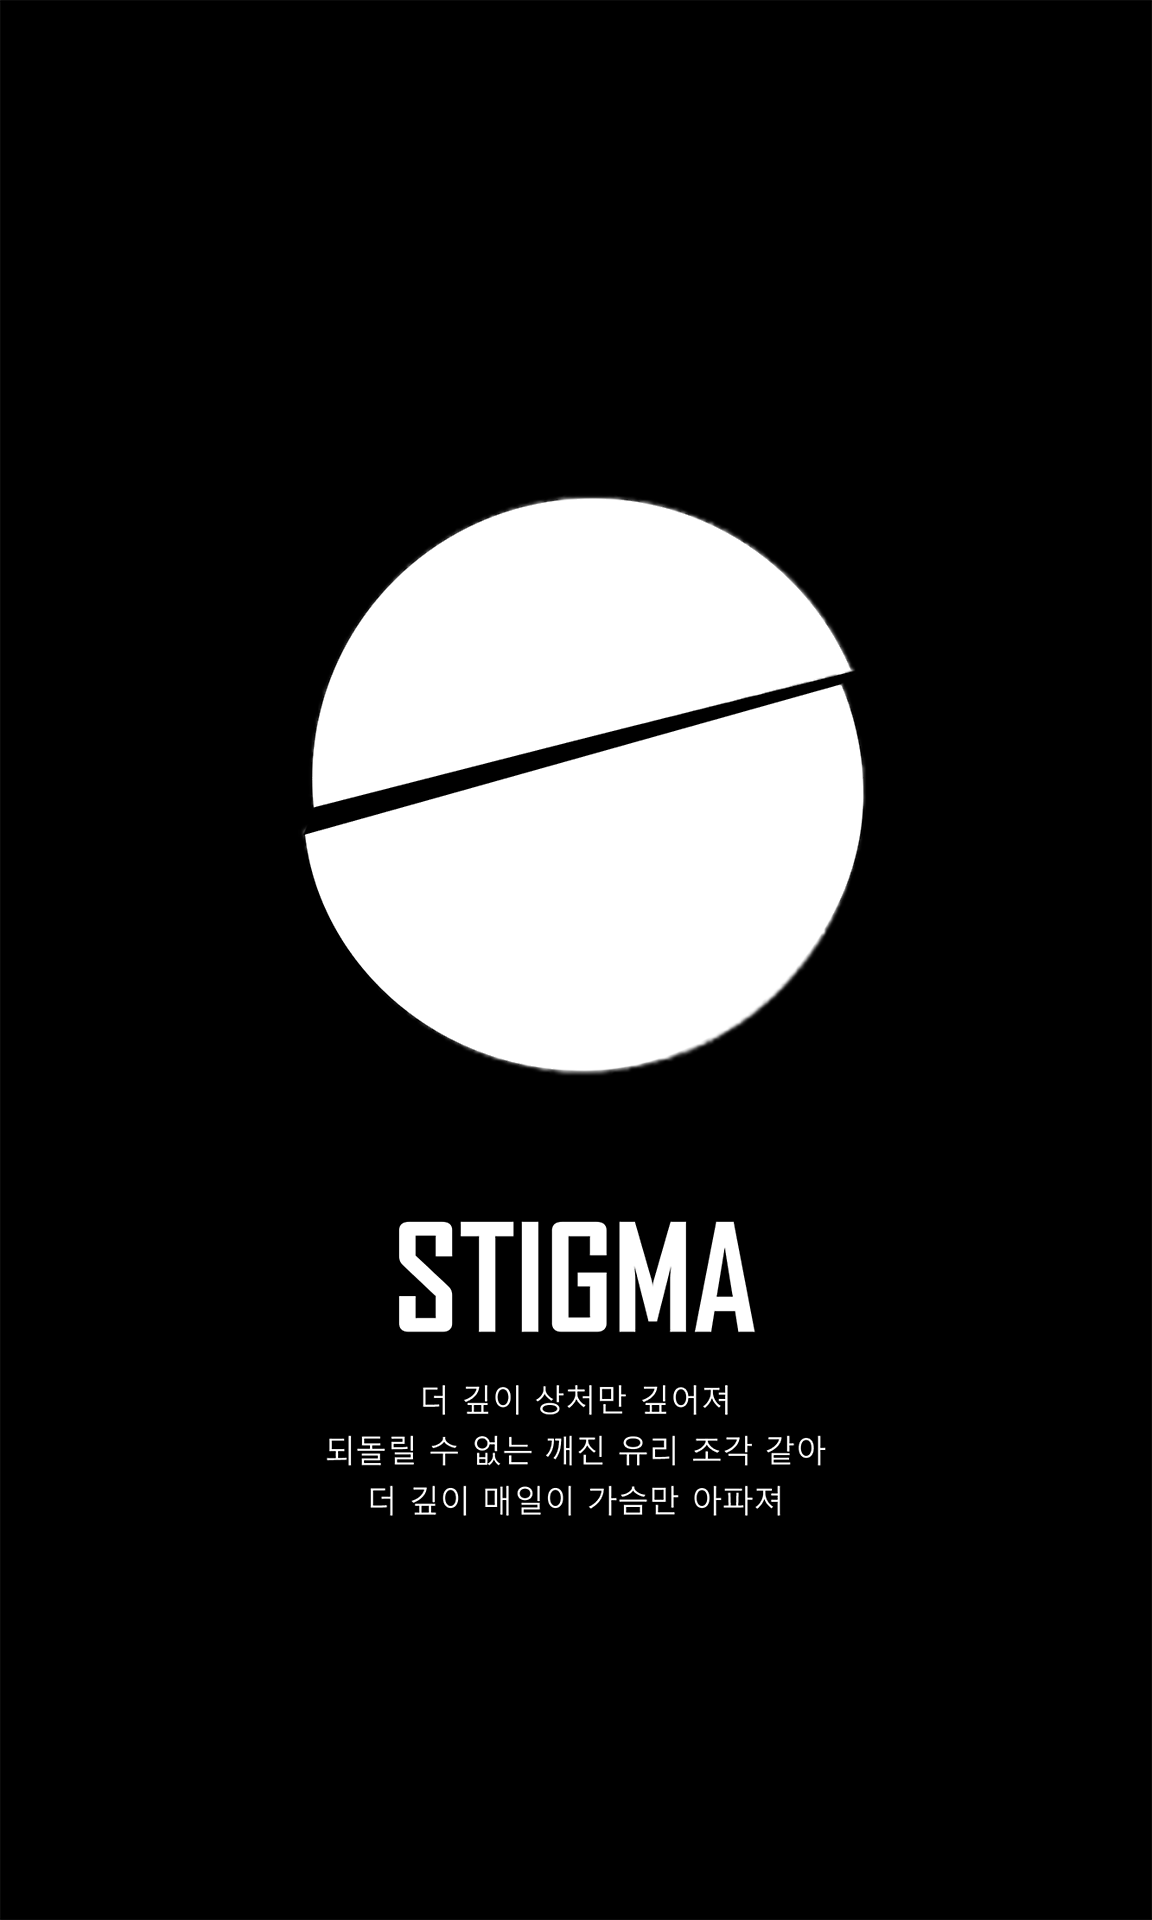 bts wings short film logo stigma wallpaper korean ver bts in 2018